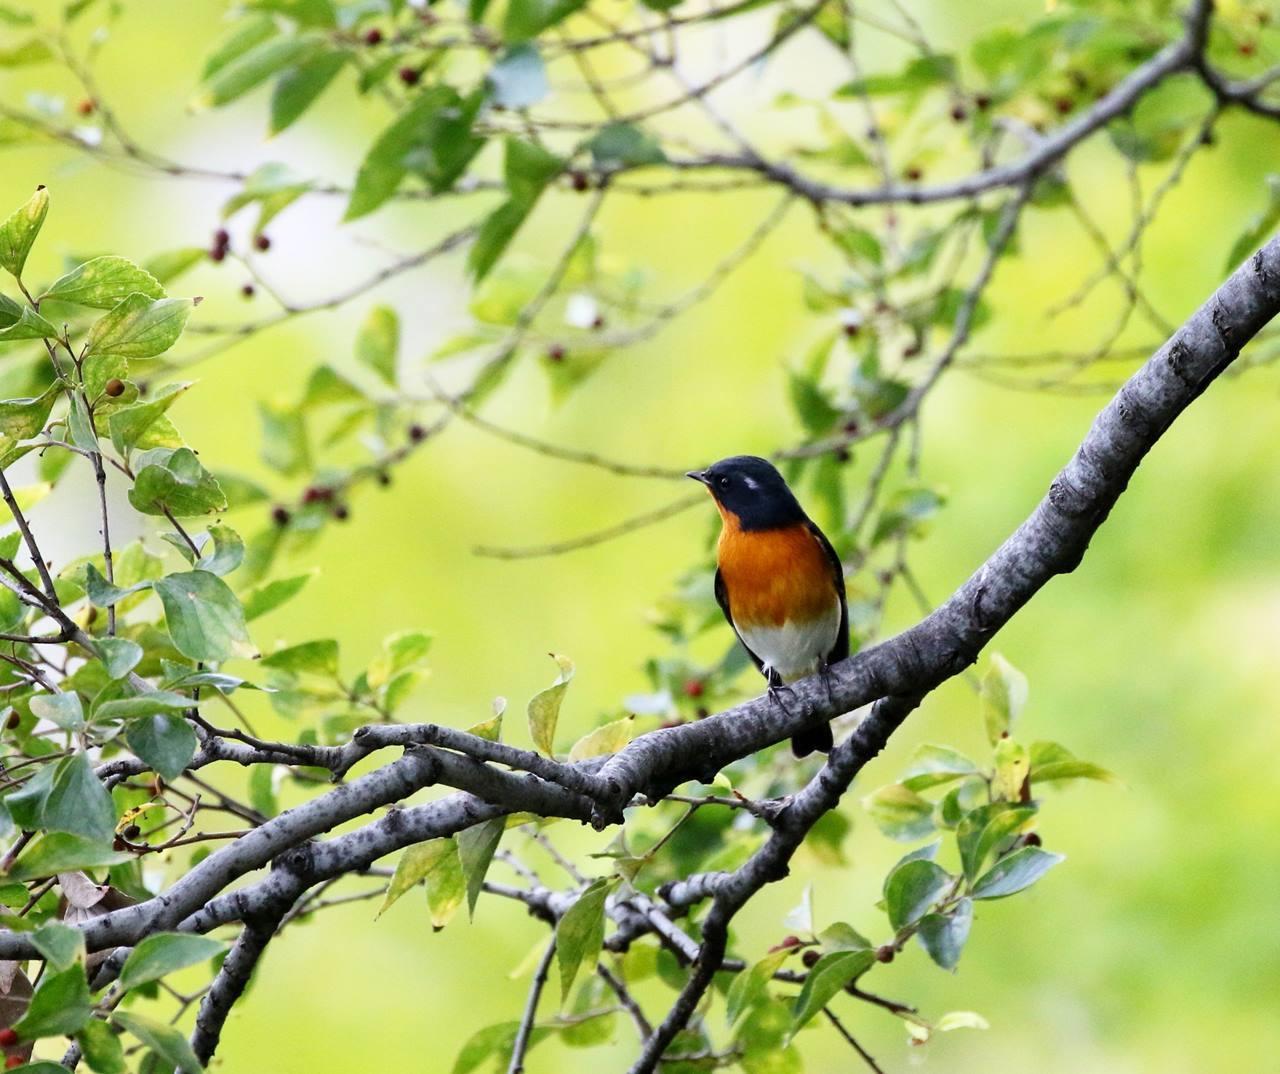 やっとムギマキ♂成鳥に出会う(その1)_c0213607_22354350.jpg